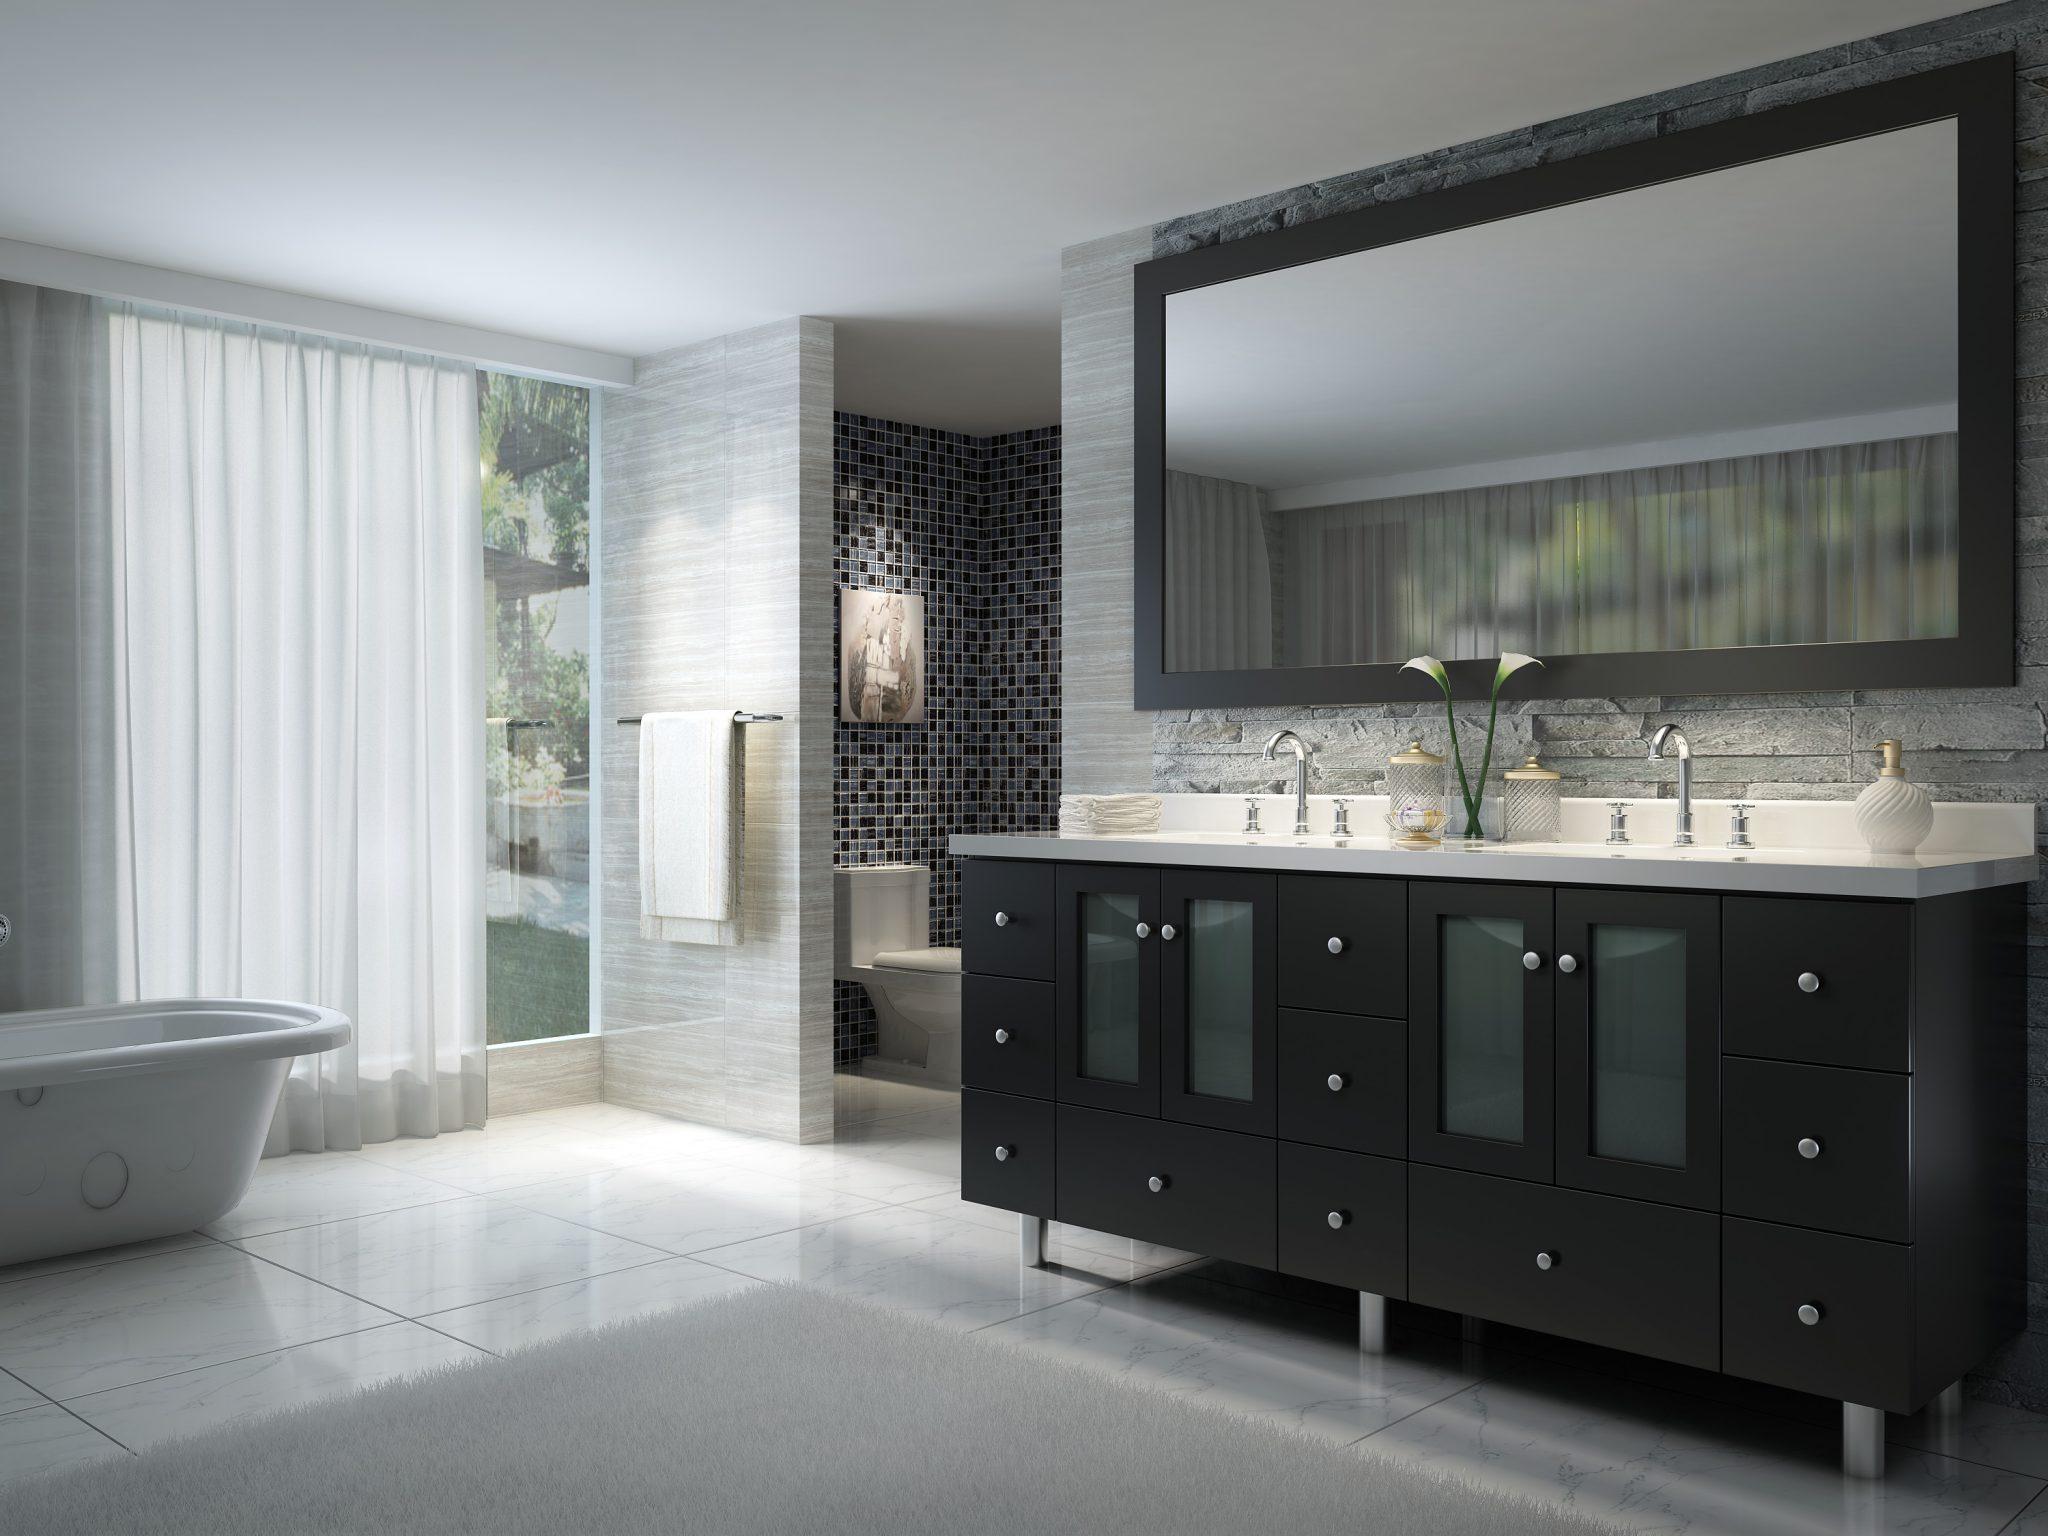 浴室改造成本分析